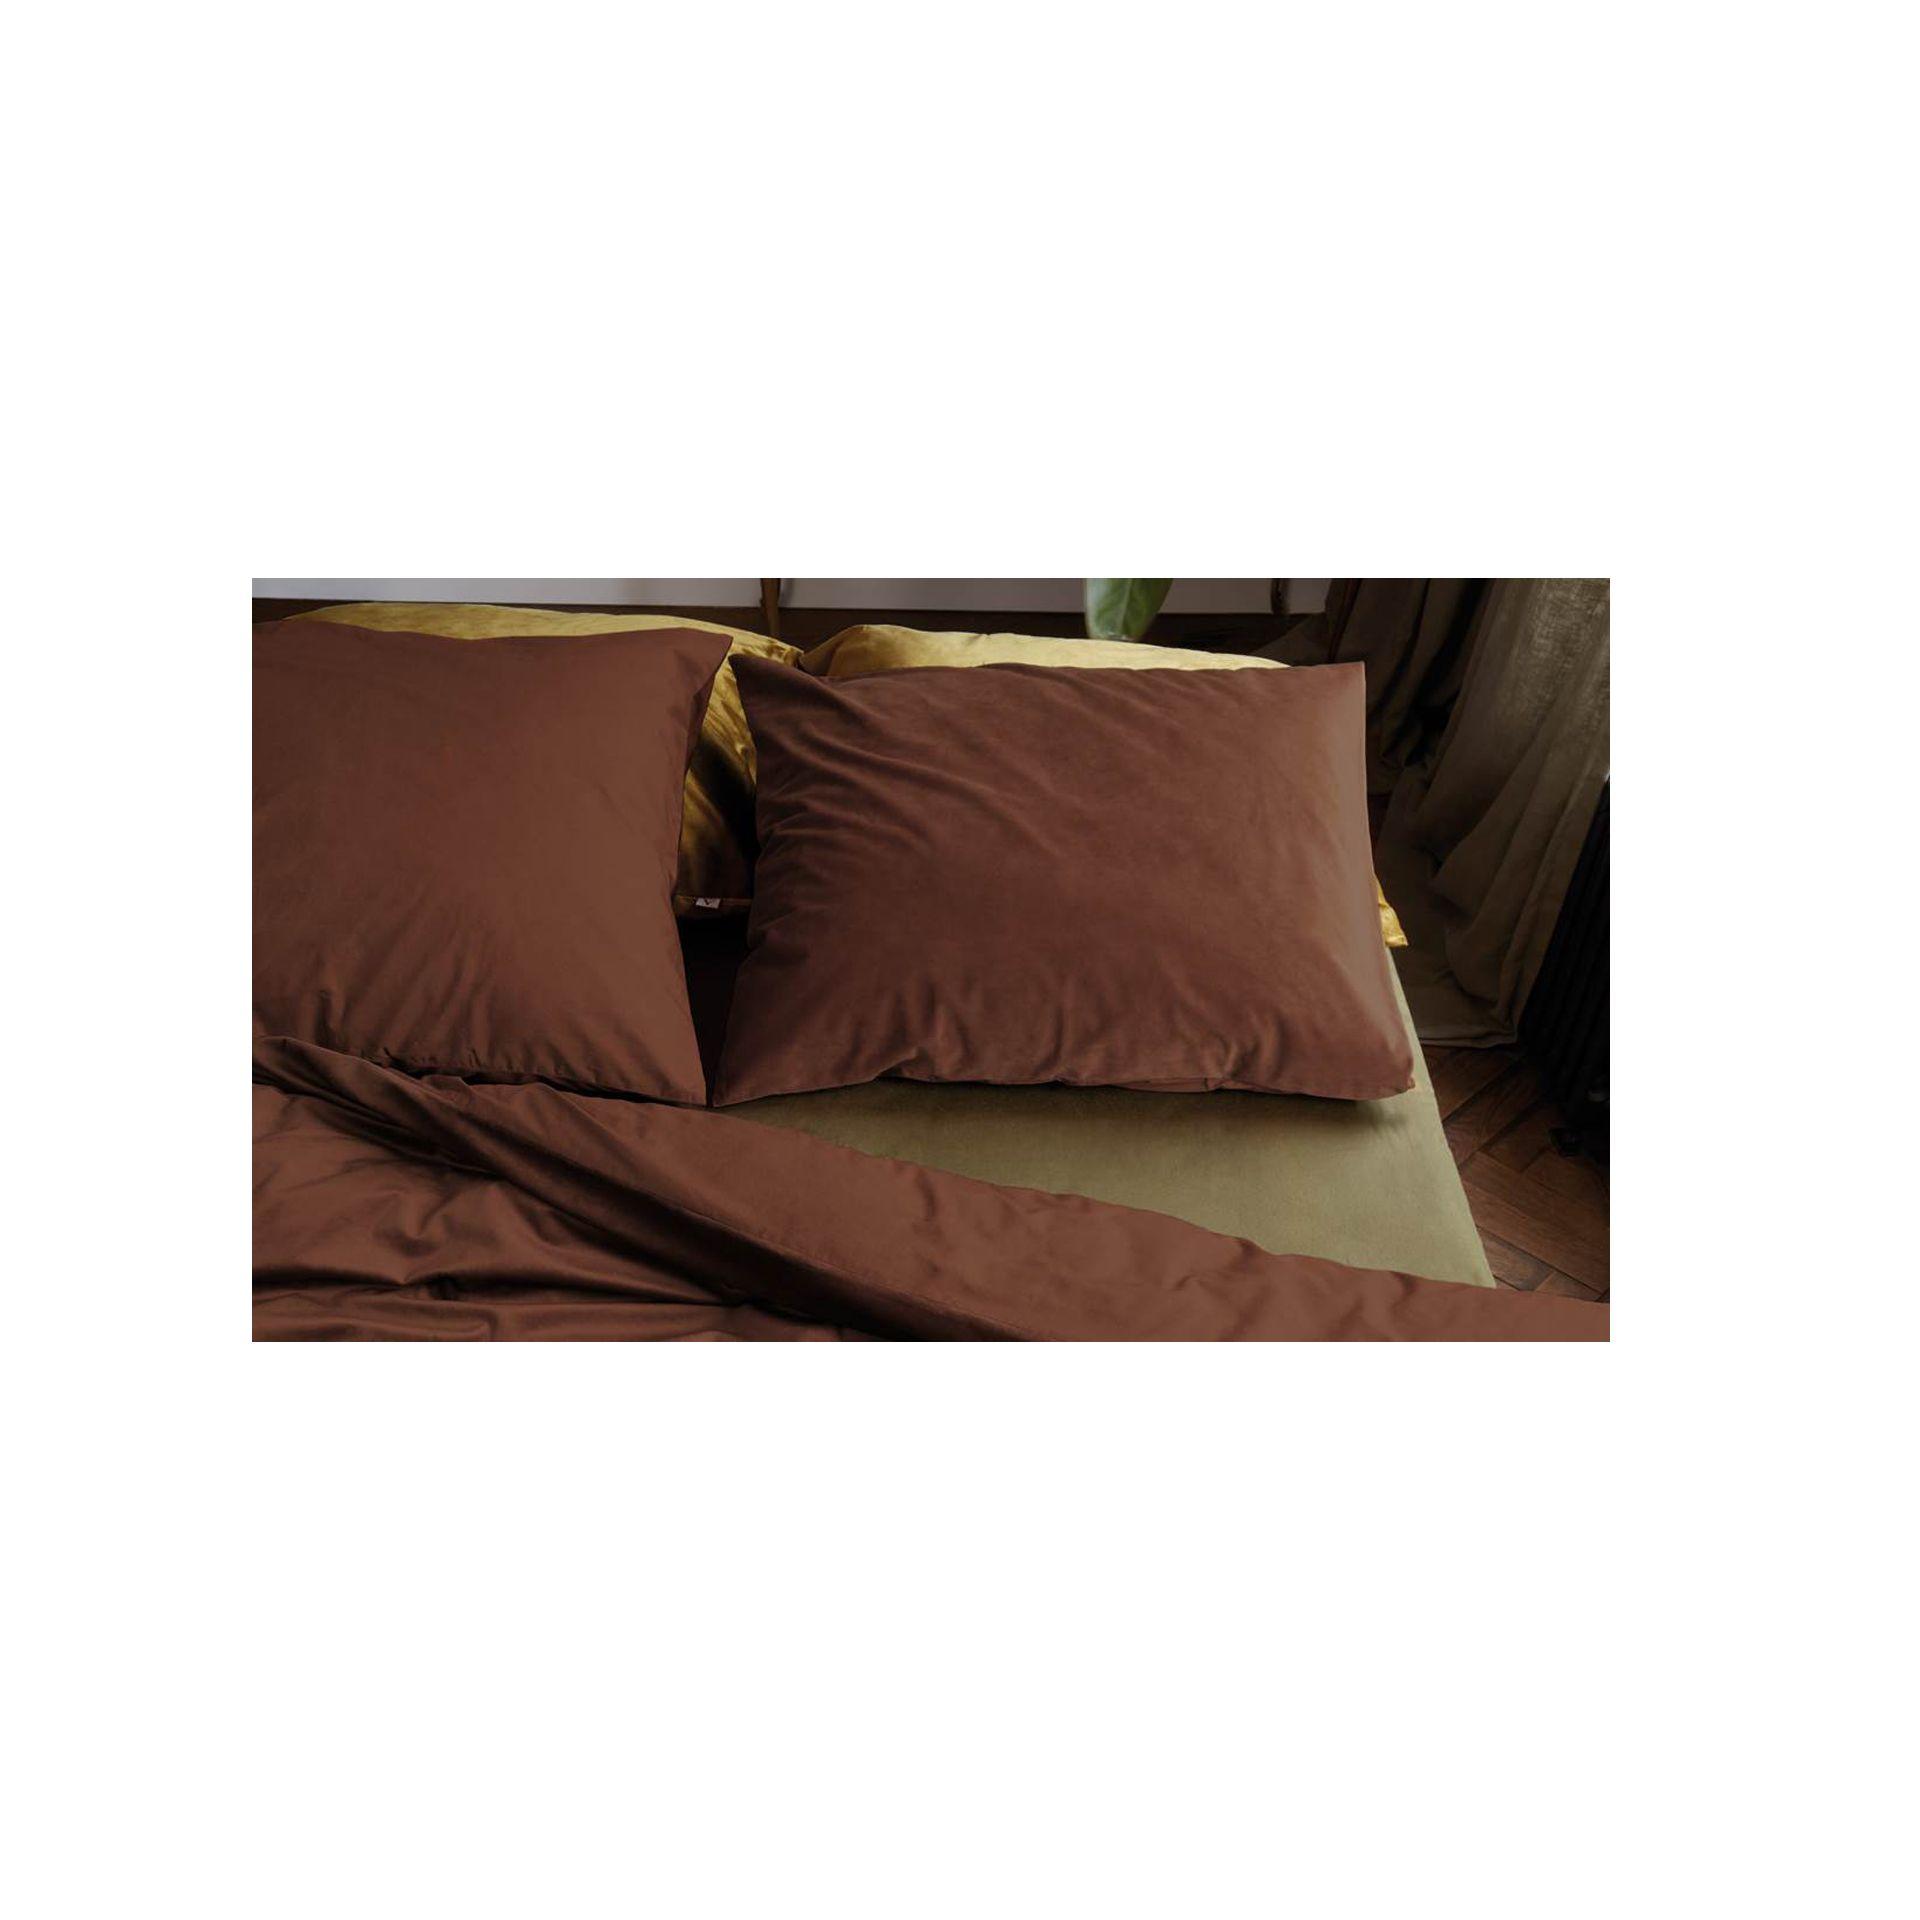 Beddinghouse - Tender Brown dekbedovertrek